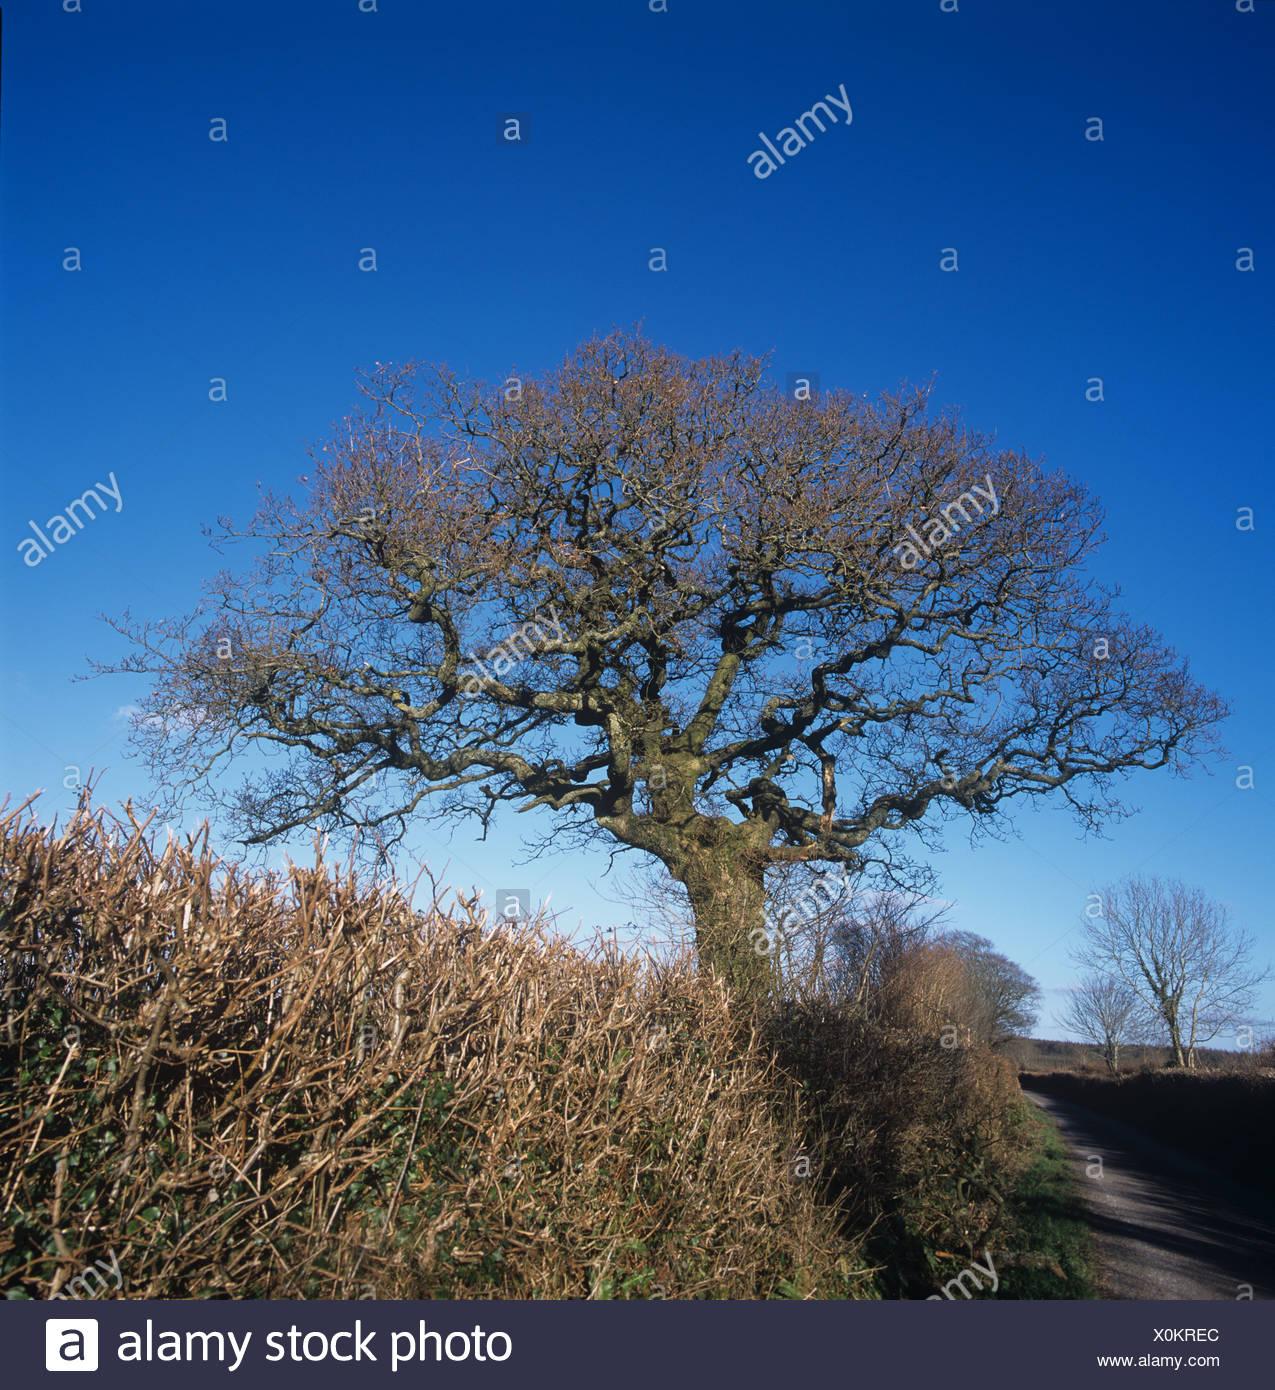 Leggermente ritorto sfrondato matura quercia in Devon siepe contro un blu cielo invernale Immagini Stock